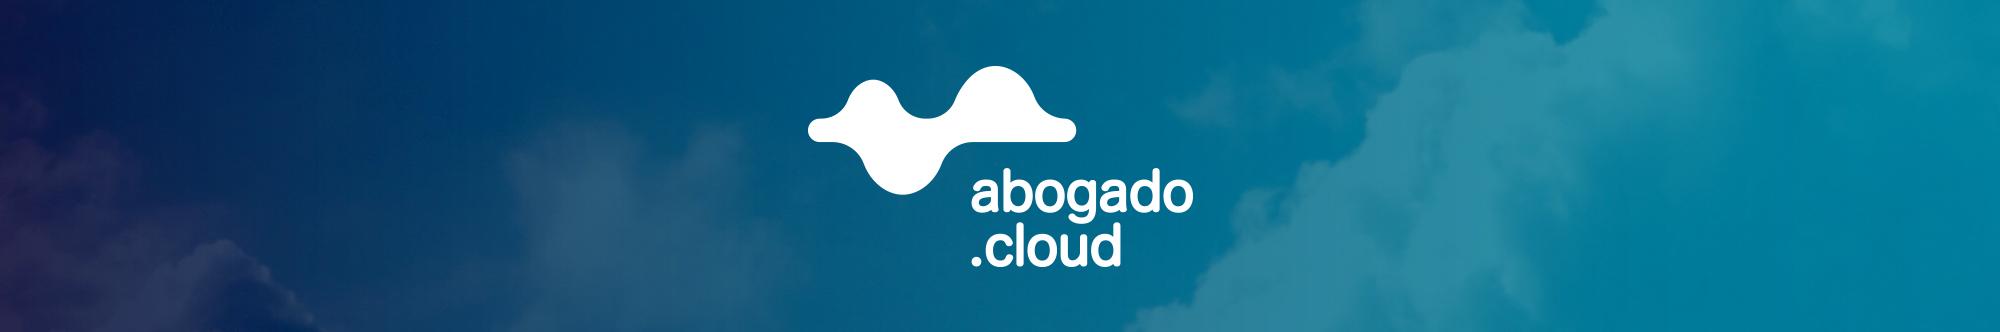 Abogado.Cloud Nube para abogados